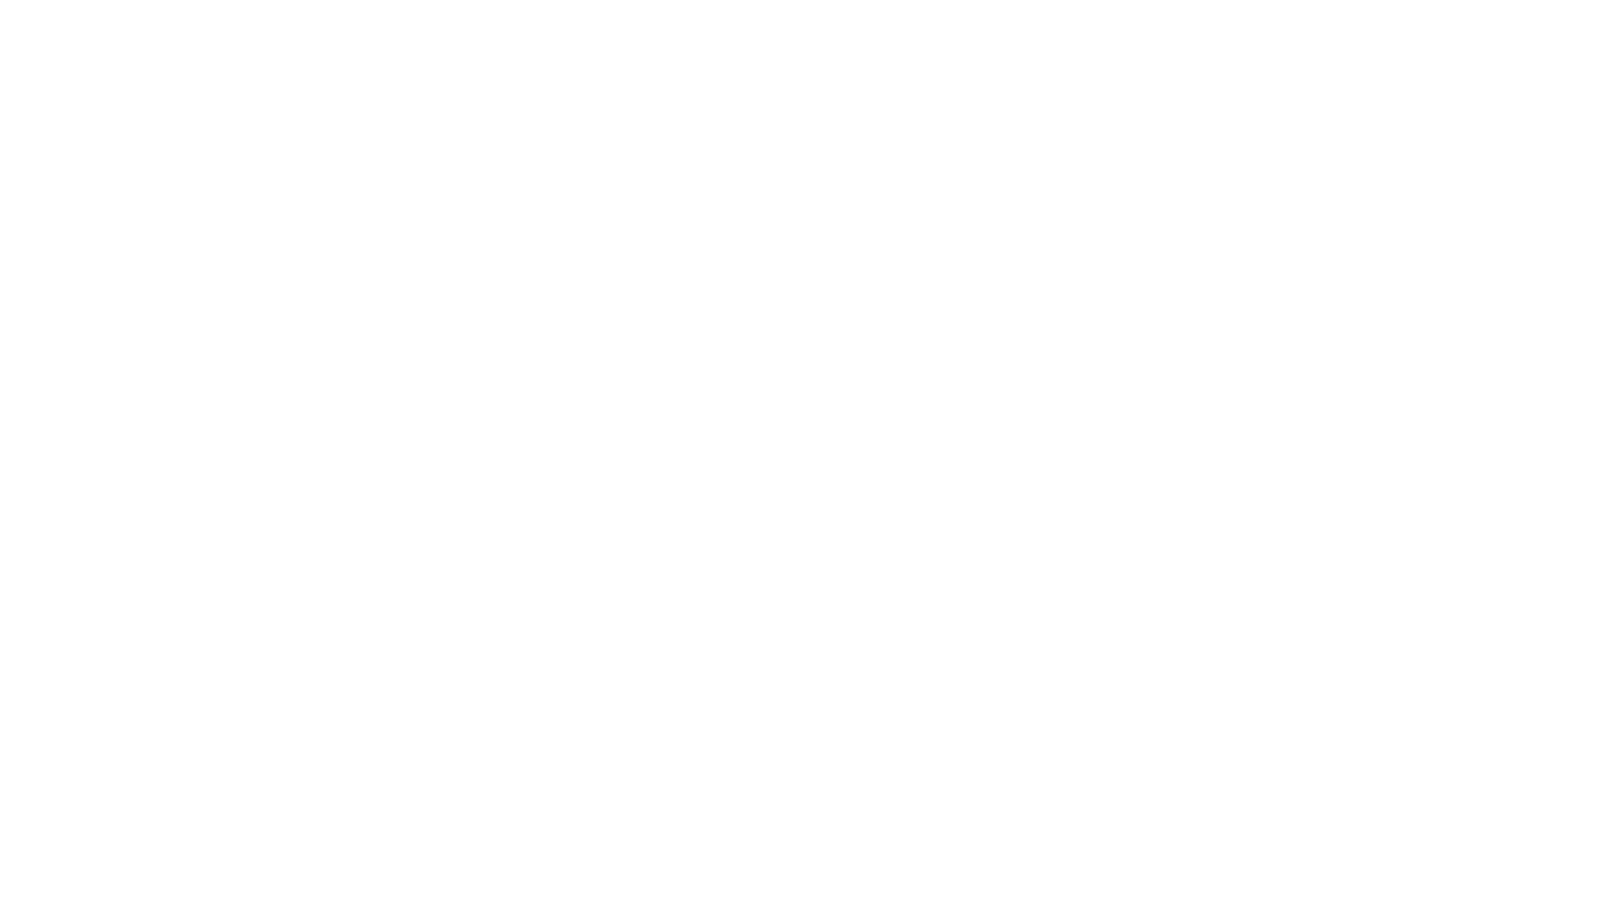 Когда за окном мороз и снег, это не повод не играть в крокет. Крокетный корт может располагаться в самых неожиданных местах. 26 декабря состоялась дружеская встреча двух крокет-клубов: выборгского и петербургского. Игра состоялась в подвале многоквартирного дома в Выборге.